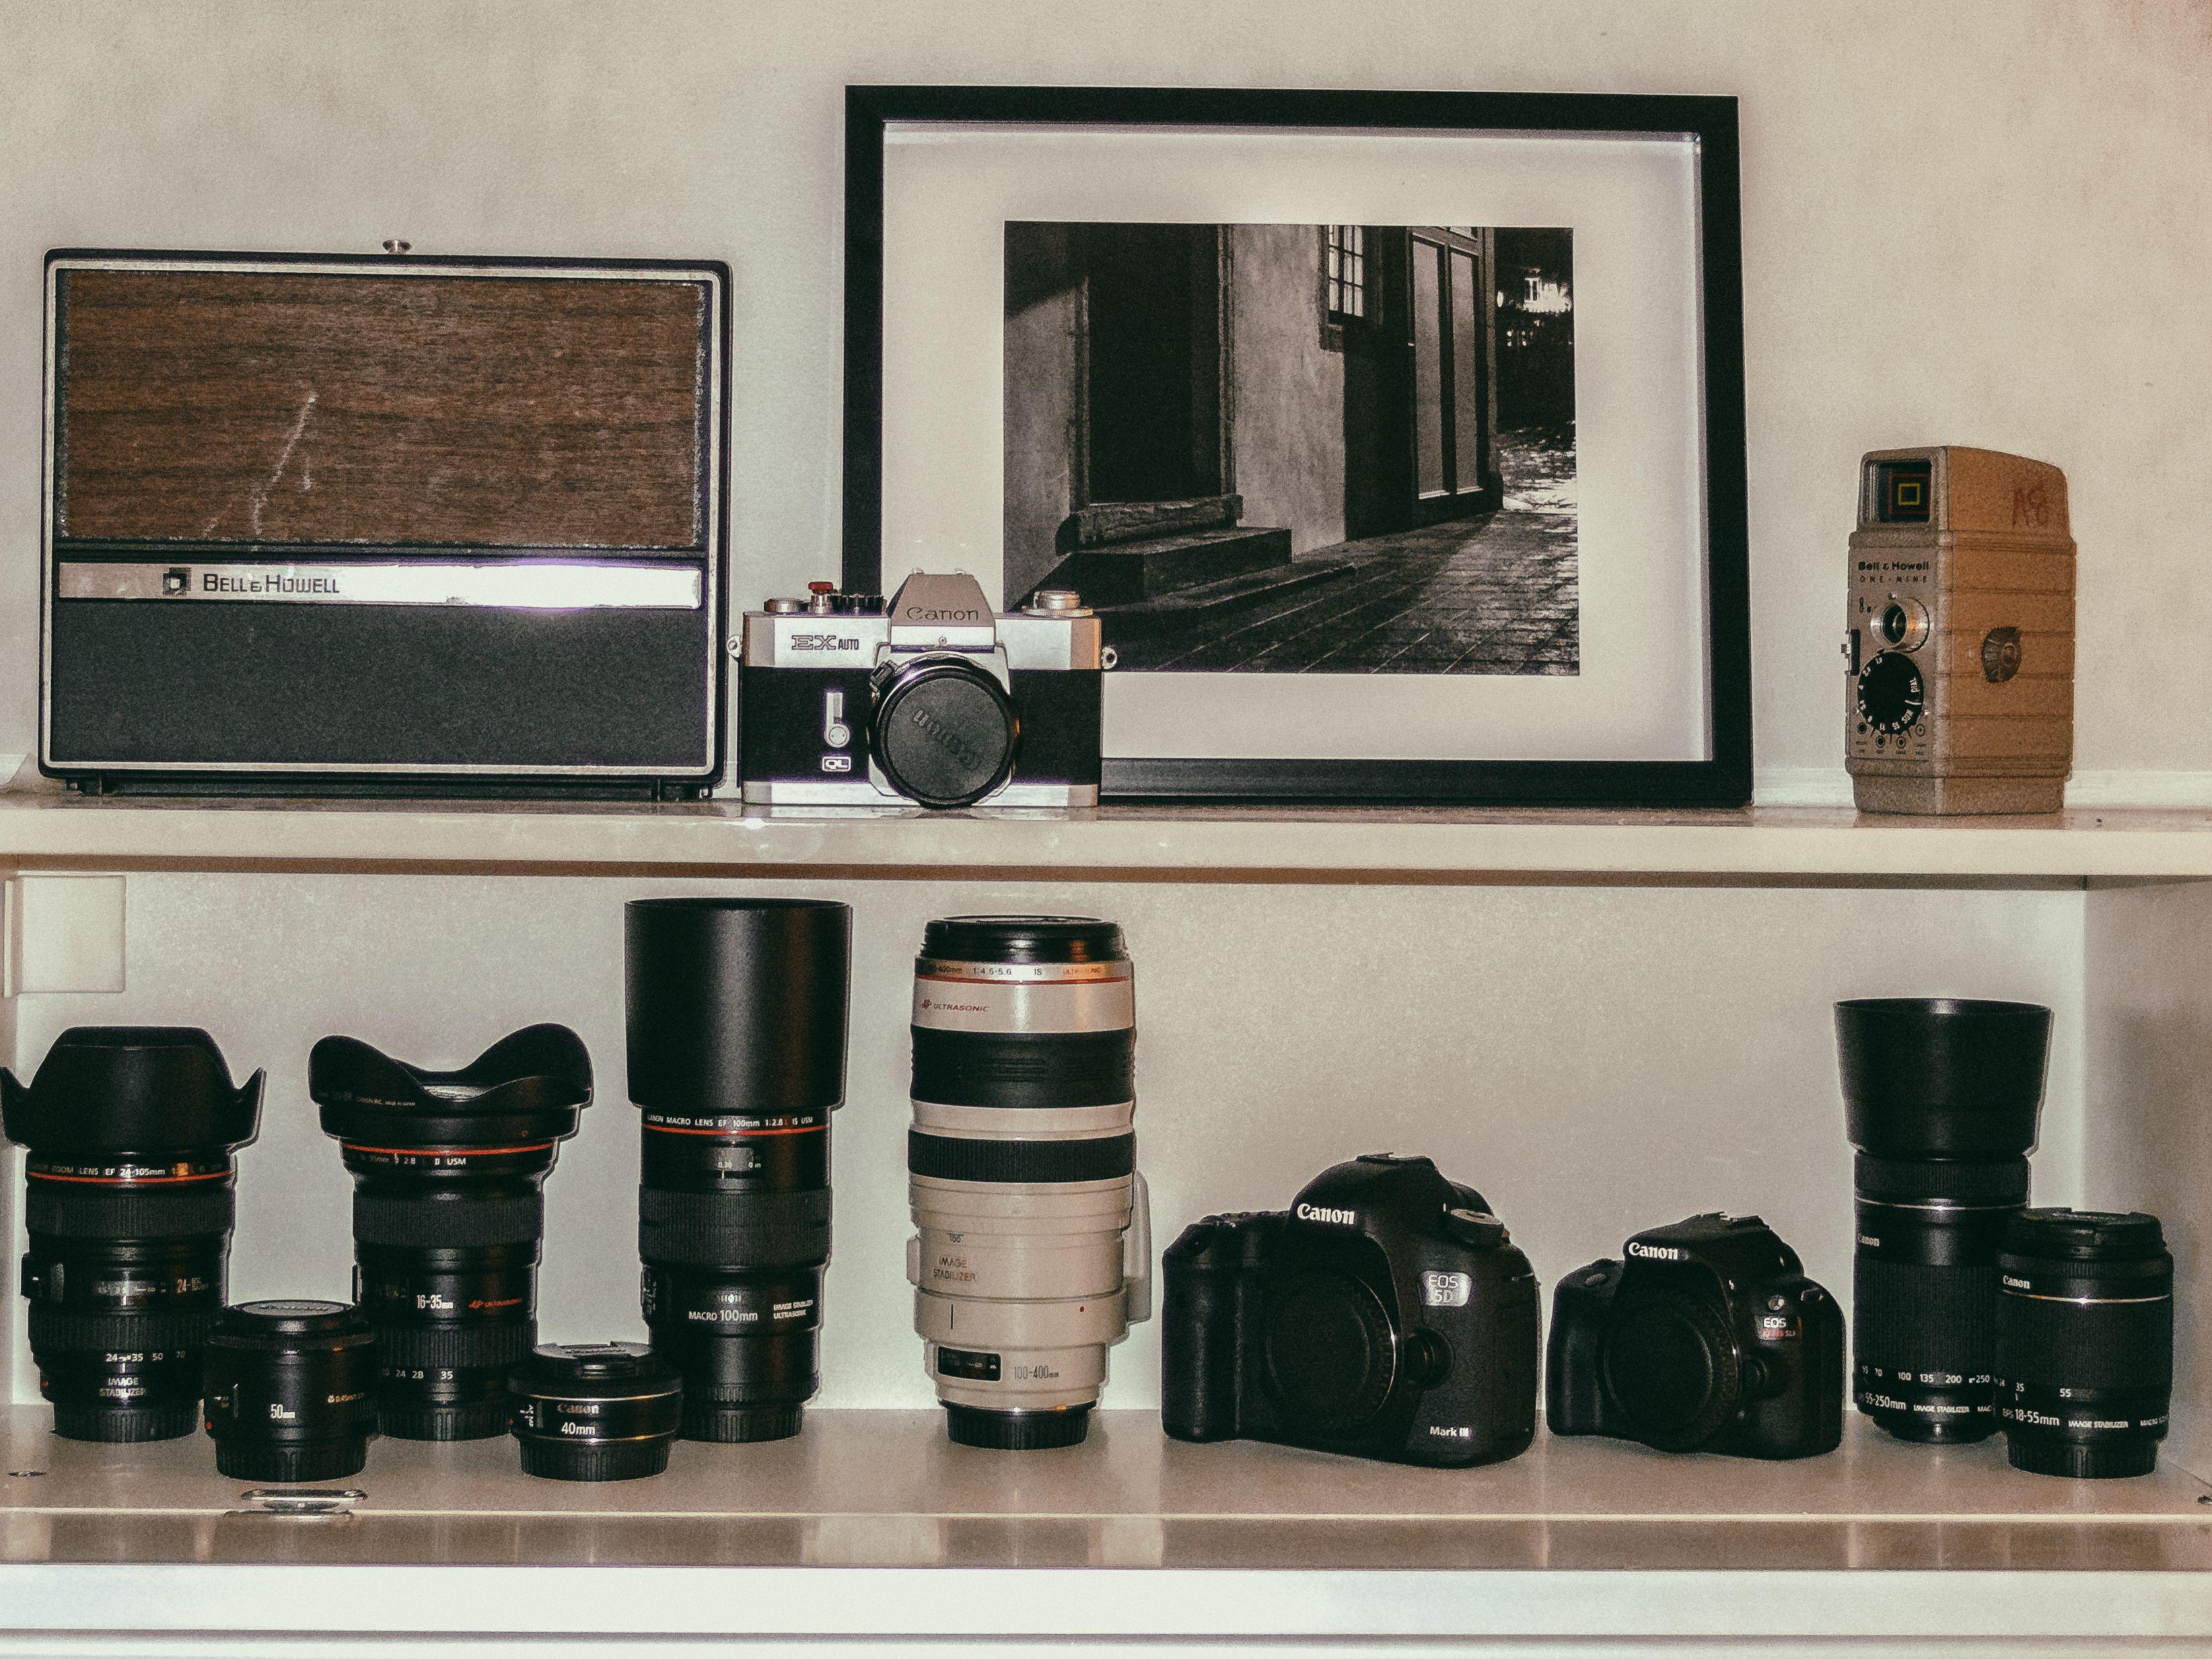 Canon Ef L Lens Ef S 5dmk3 And Sl1 16 35 Mm F 2 8 24 105mm F 4 100mm 2 8 Macro 100 400 Mm Vintage Ex Auto 50mm Home Decor Vintage Decor